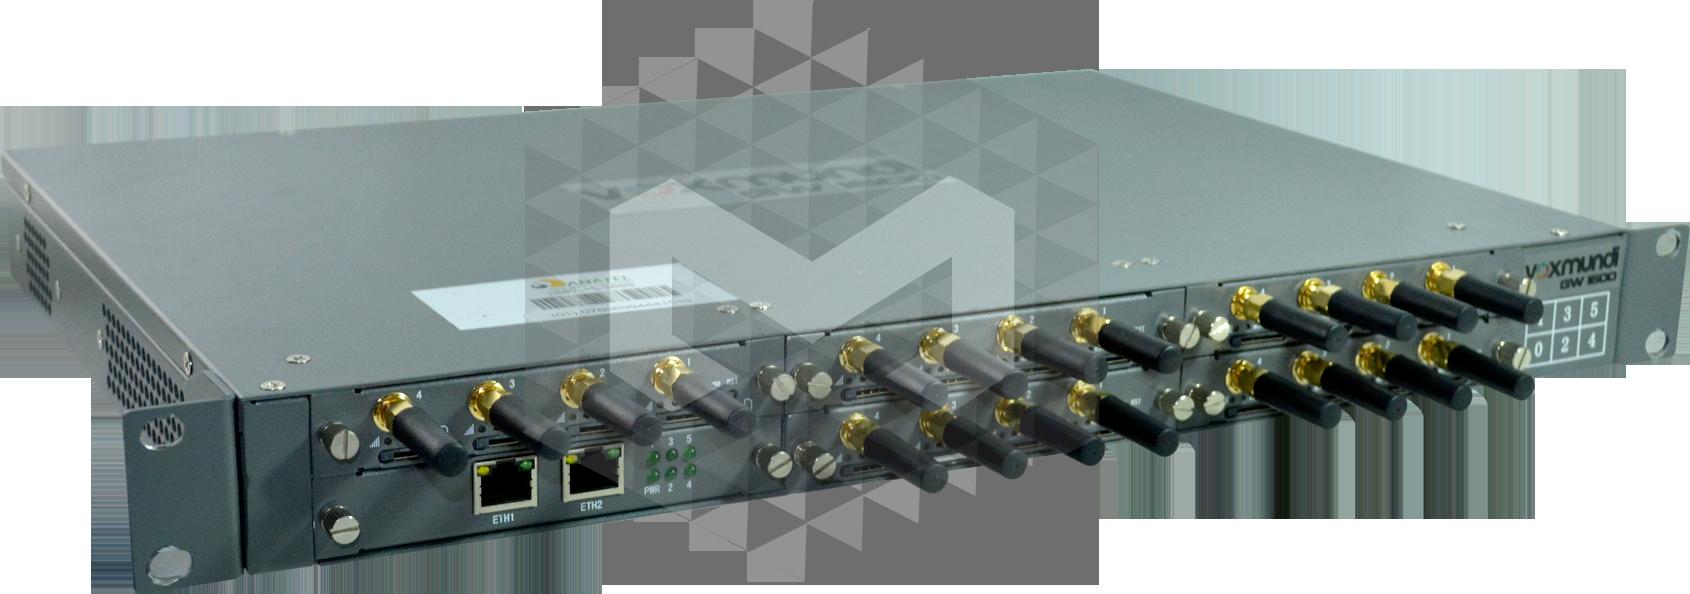 Gateway-Voxmundi-20-Canais-SMS-GSM